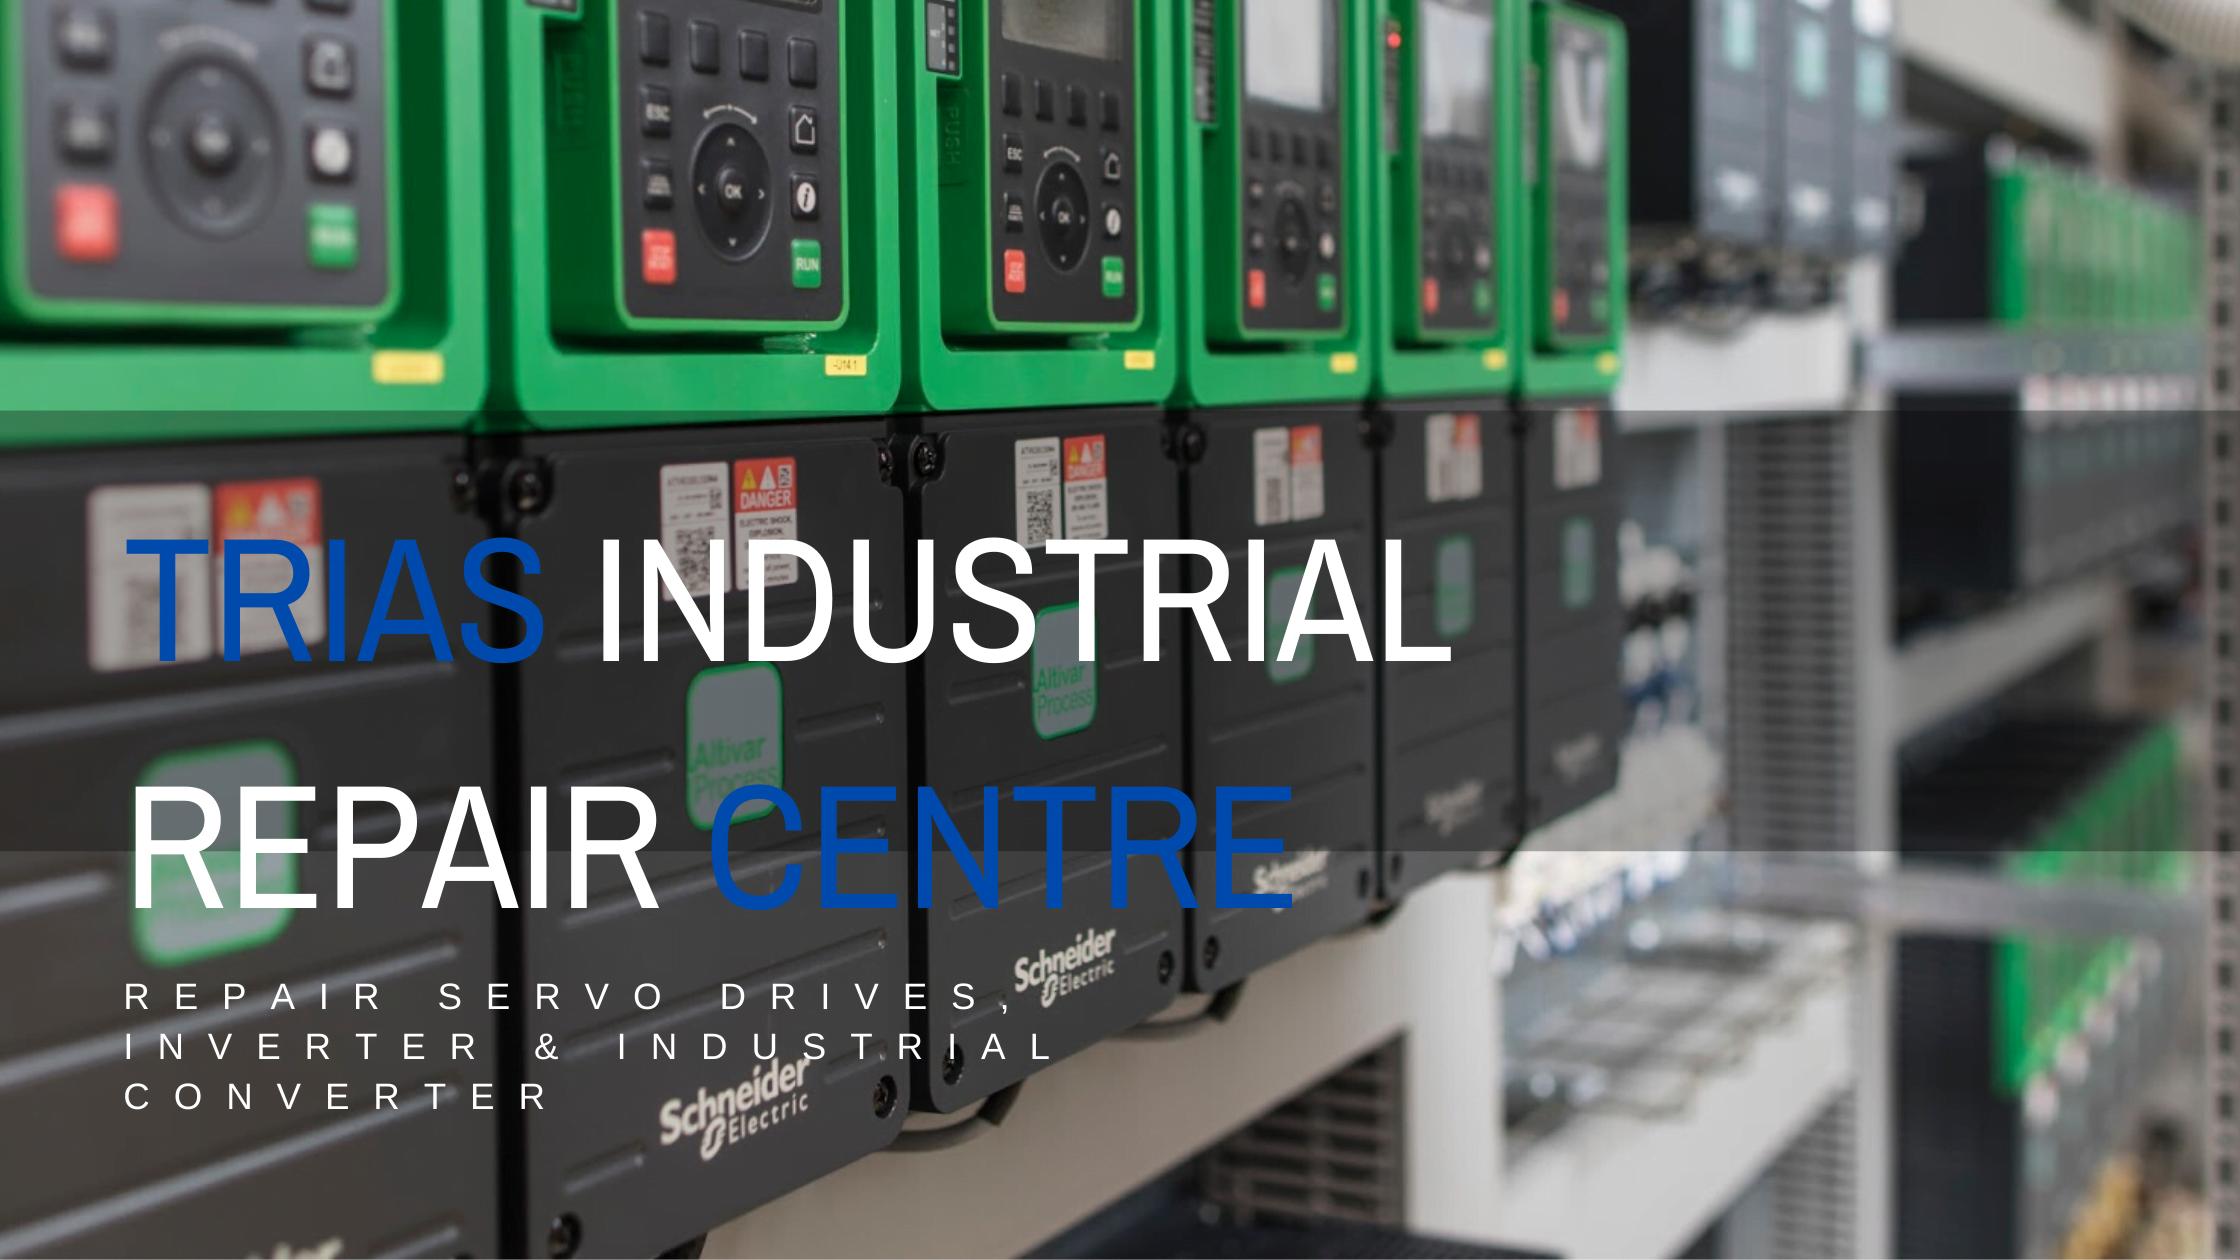 TRIAS Industrial Repair Centre 1